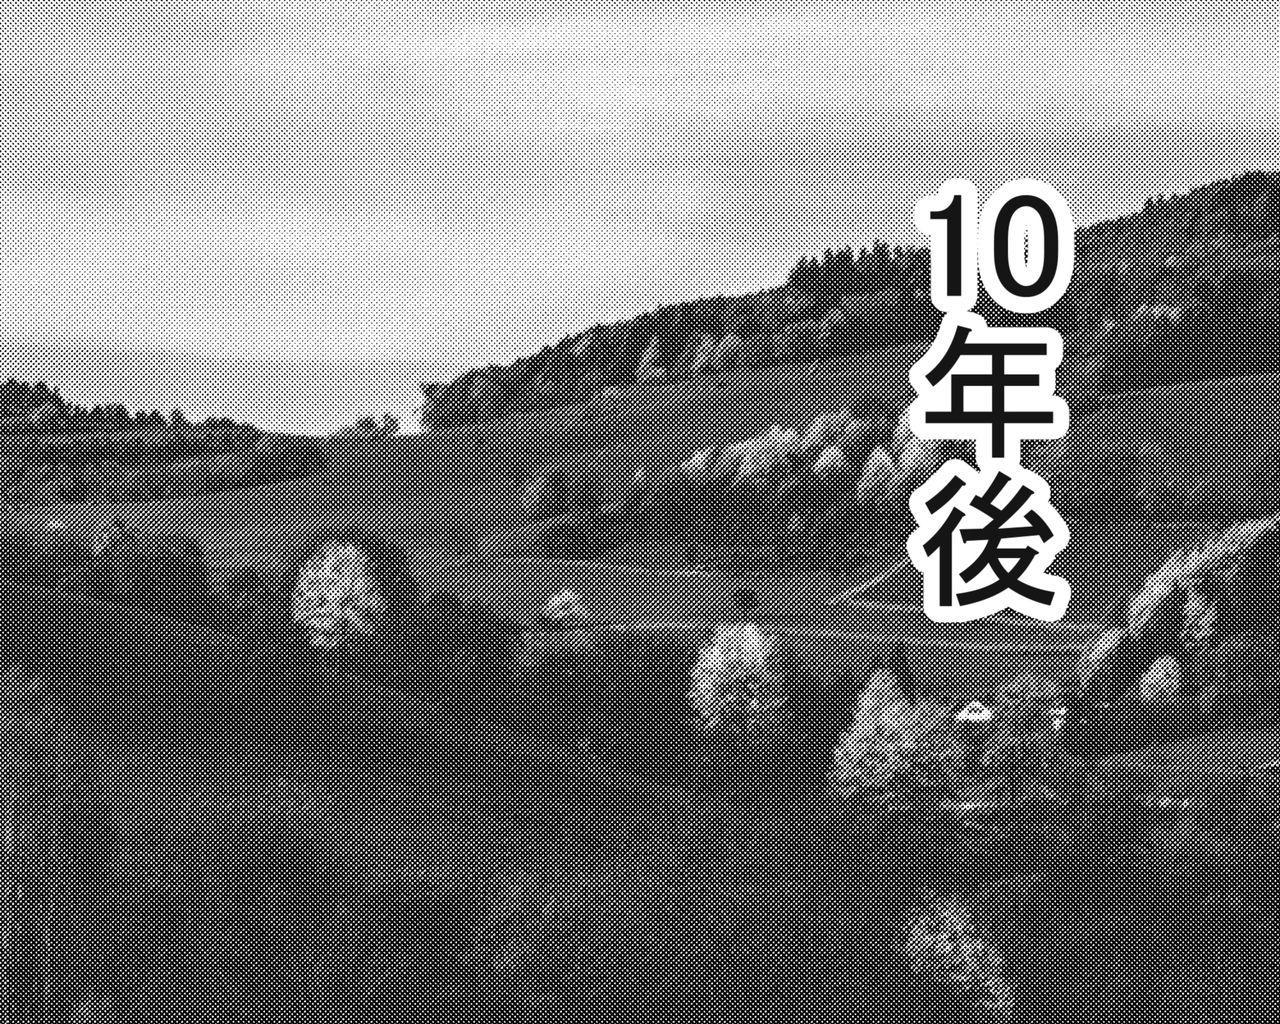 Hasshaku-sama to Boku no Paizuri Memories 77